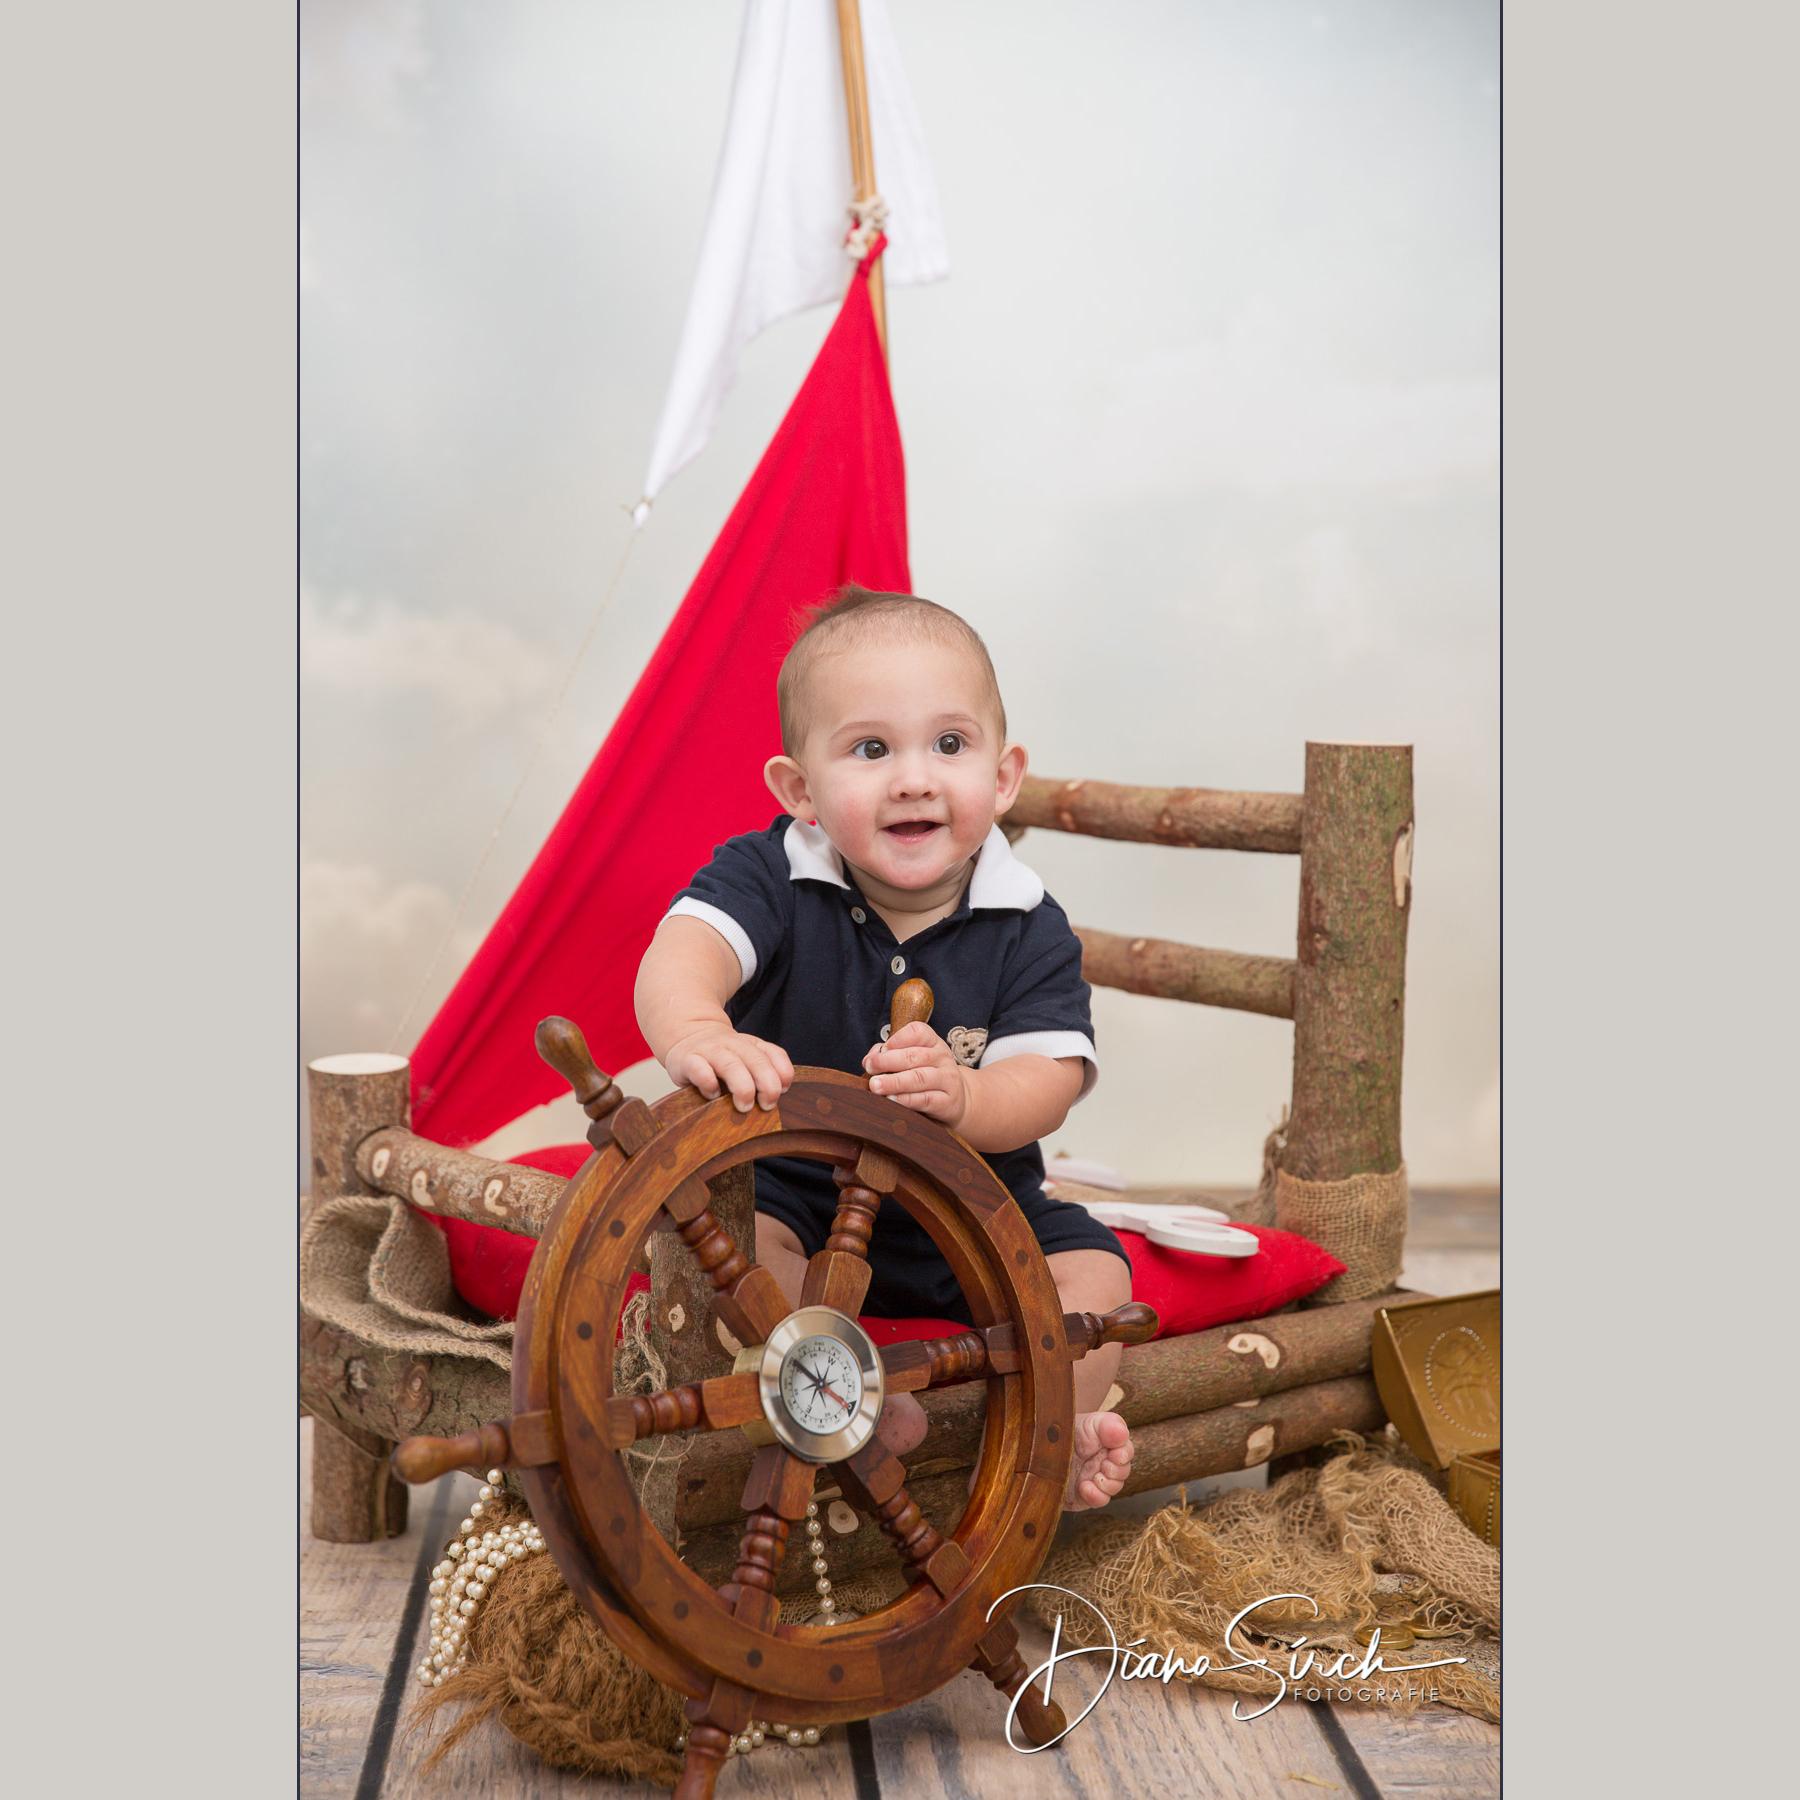 Oskar, der Pirat